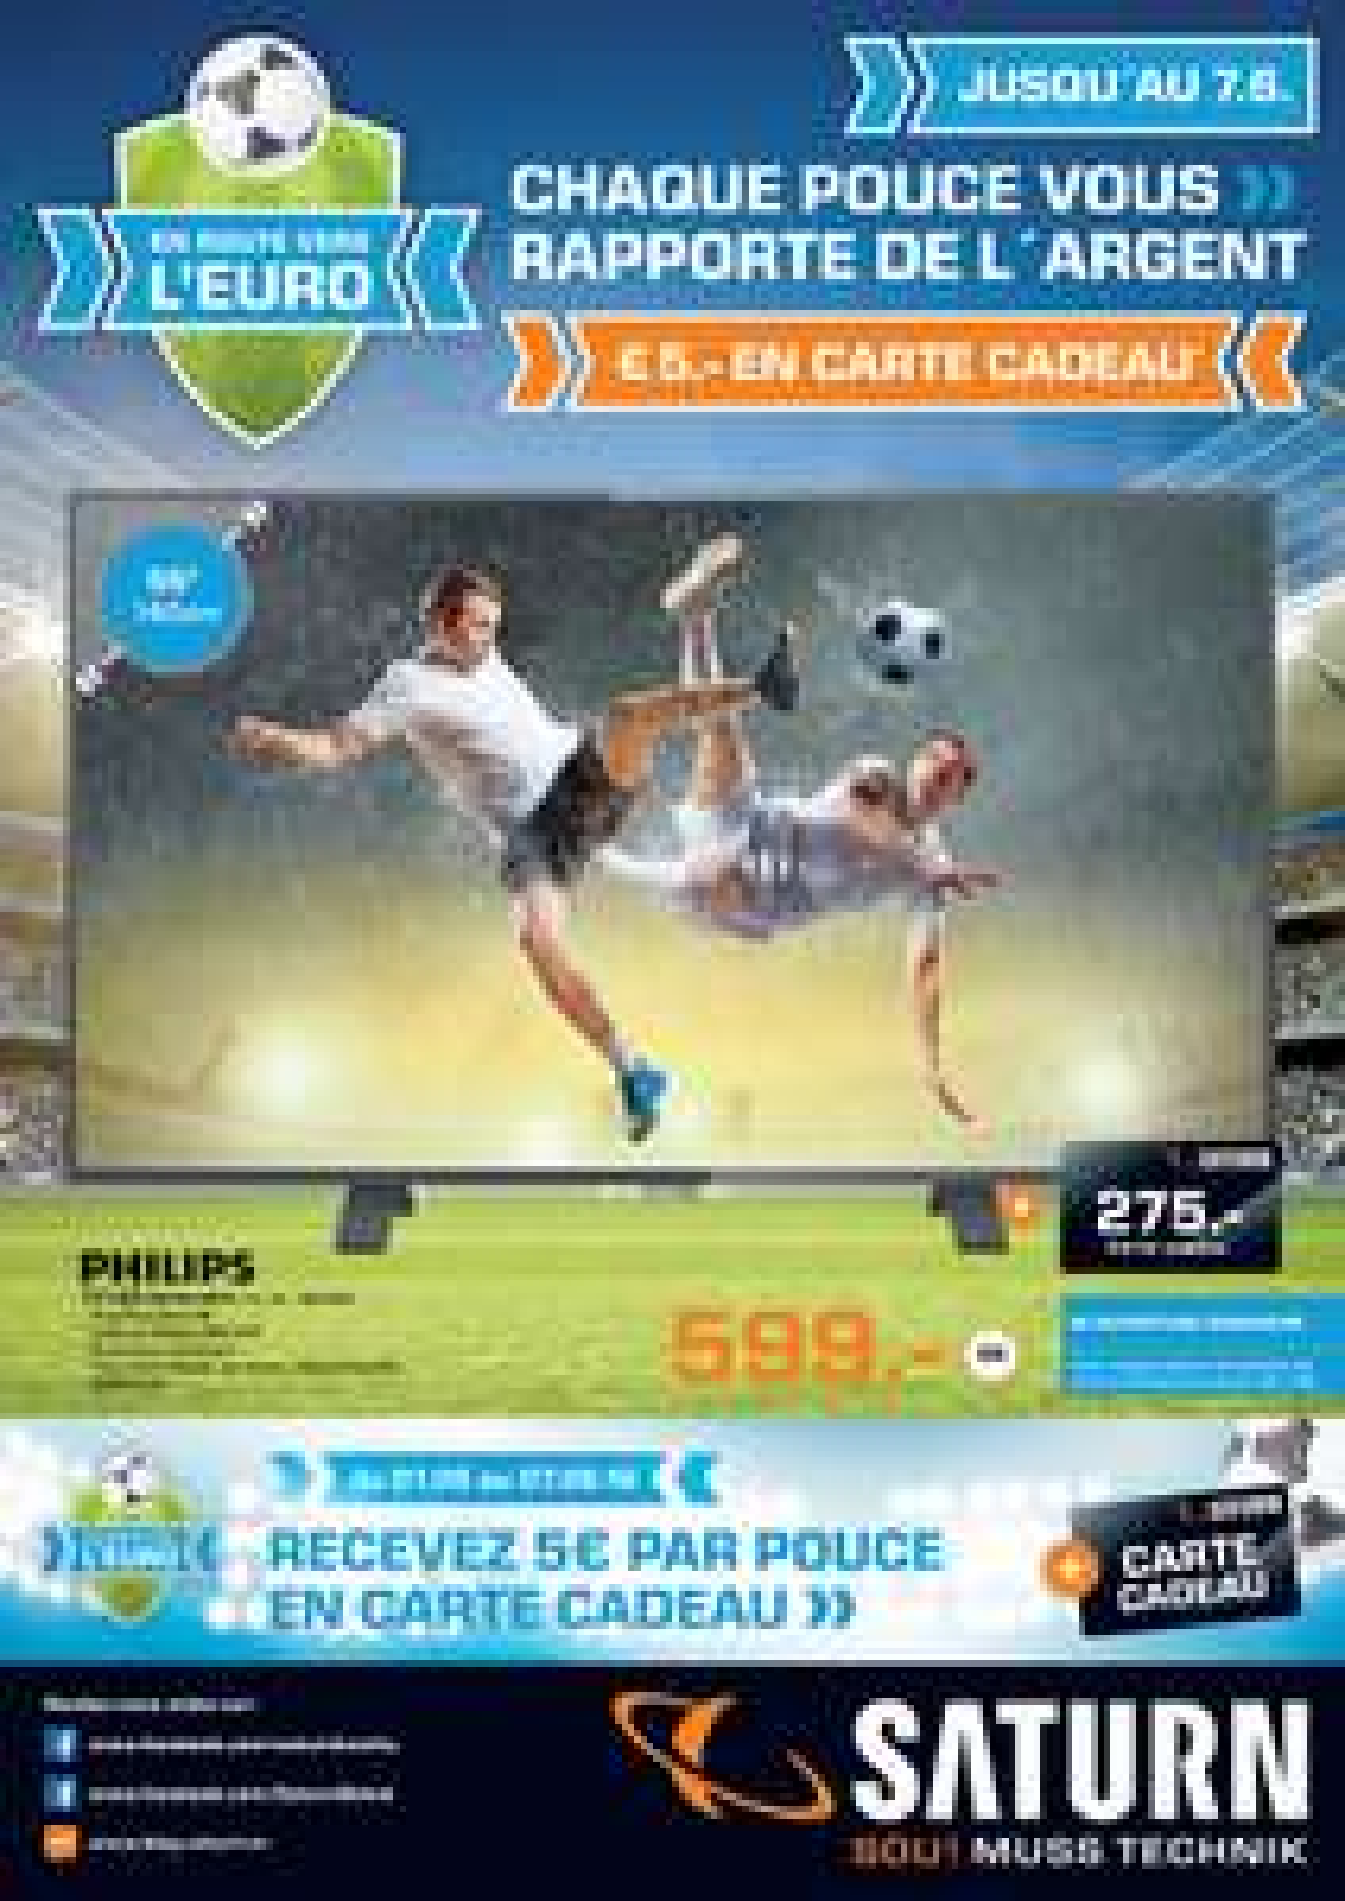 5€ offerts en carte cadeau par pouce de diagonale d'écran